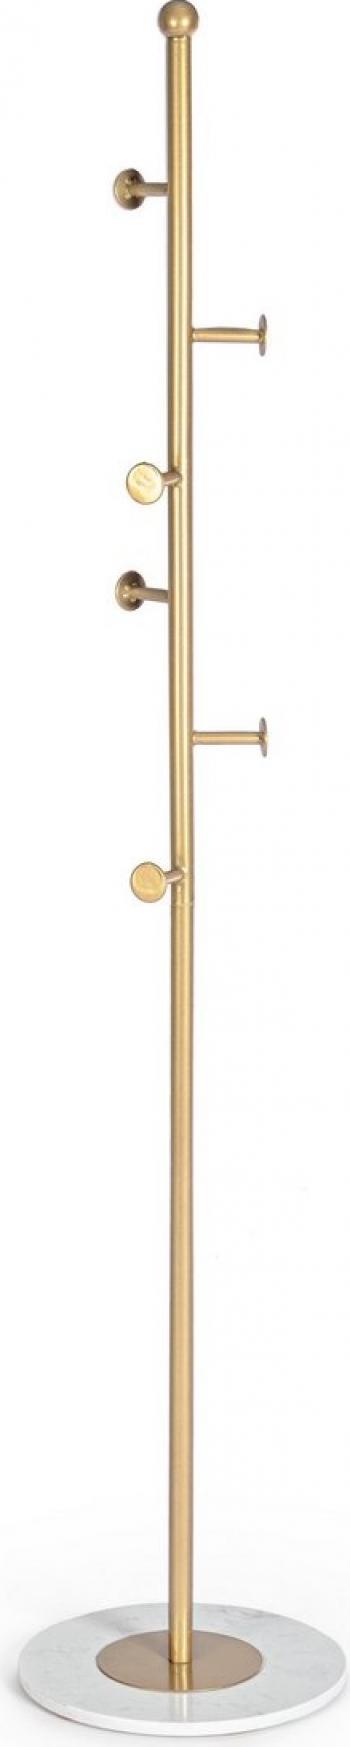 Cuier de podea cu 6 agatatori din fier auriu si baza marmura alba and Oslash 35 cm x 175 h